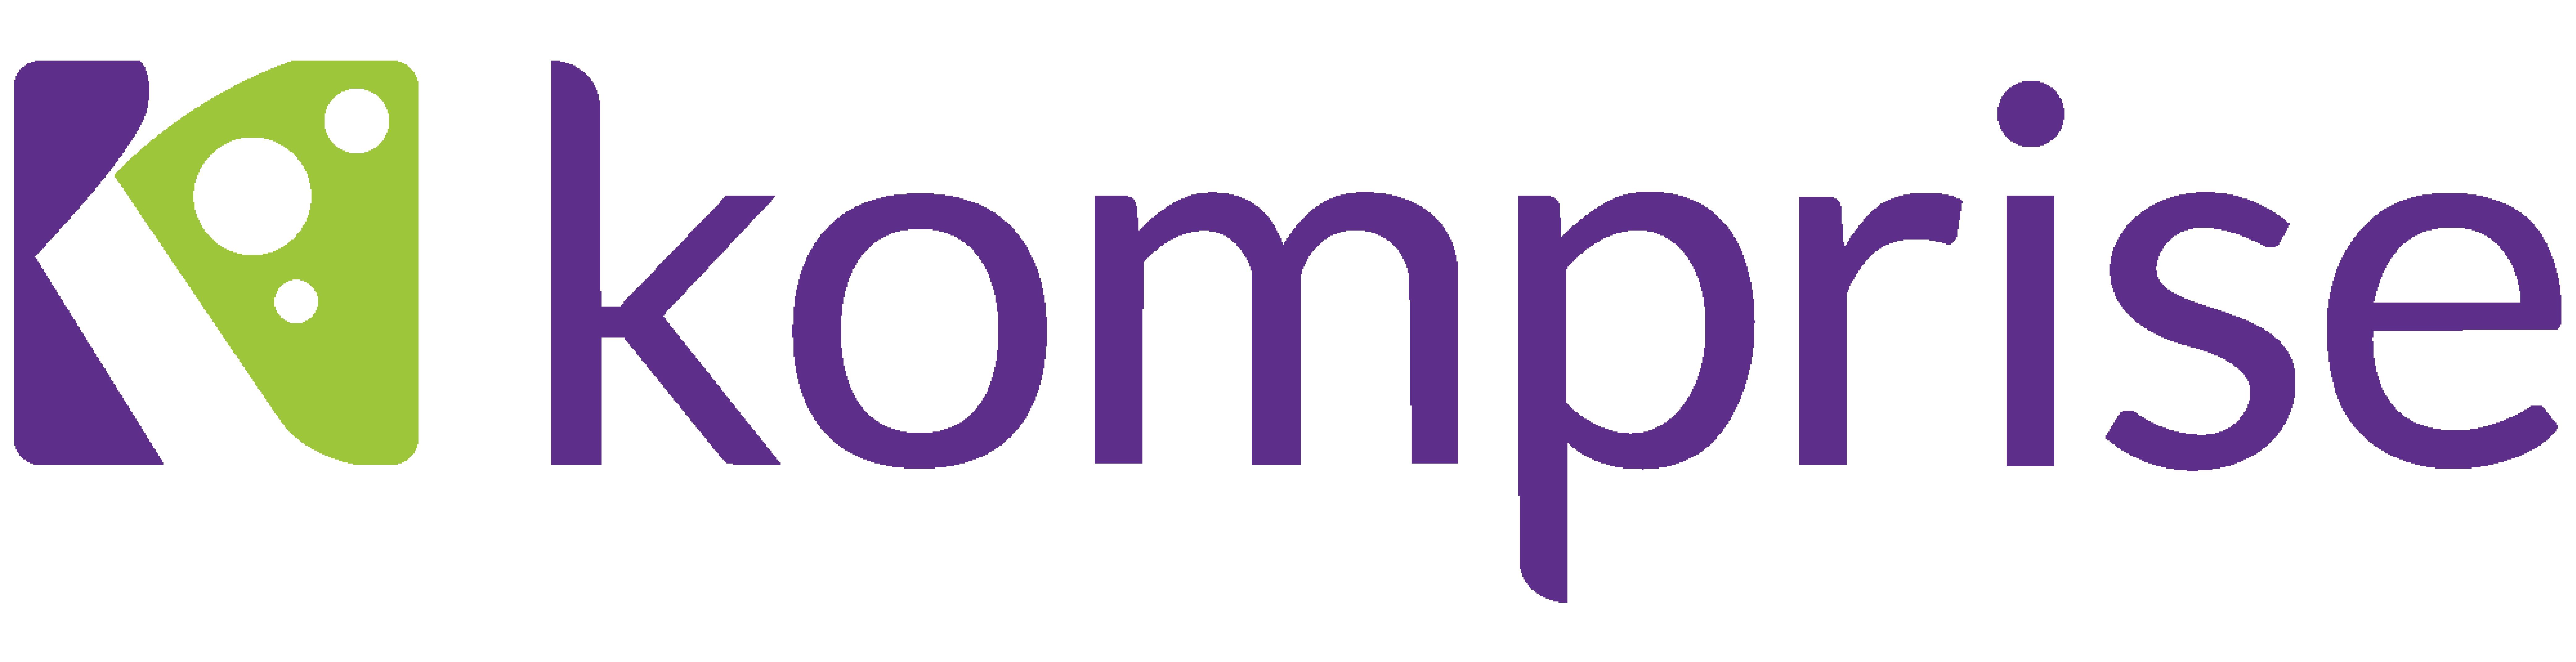 Komprise-logo-2000px-1